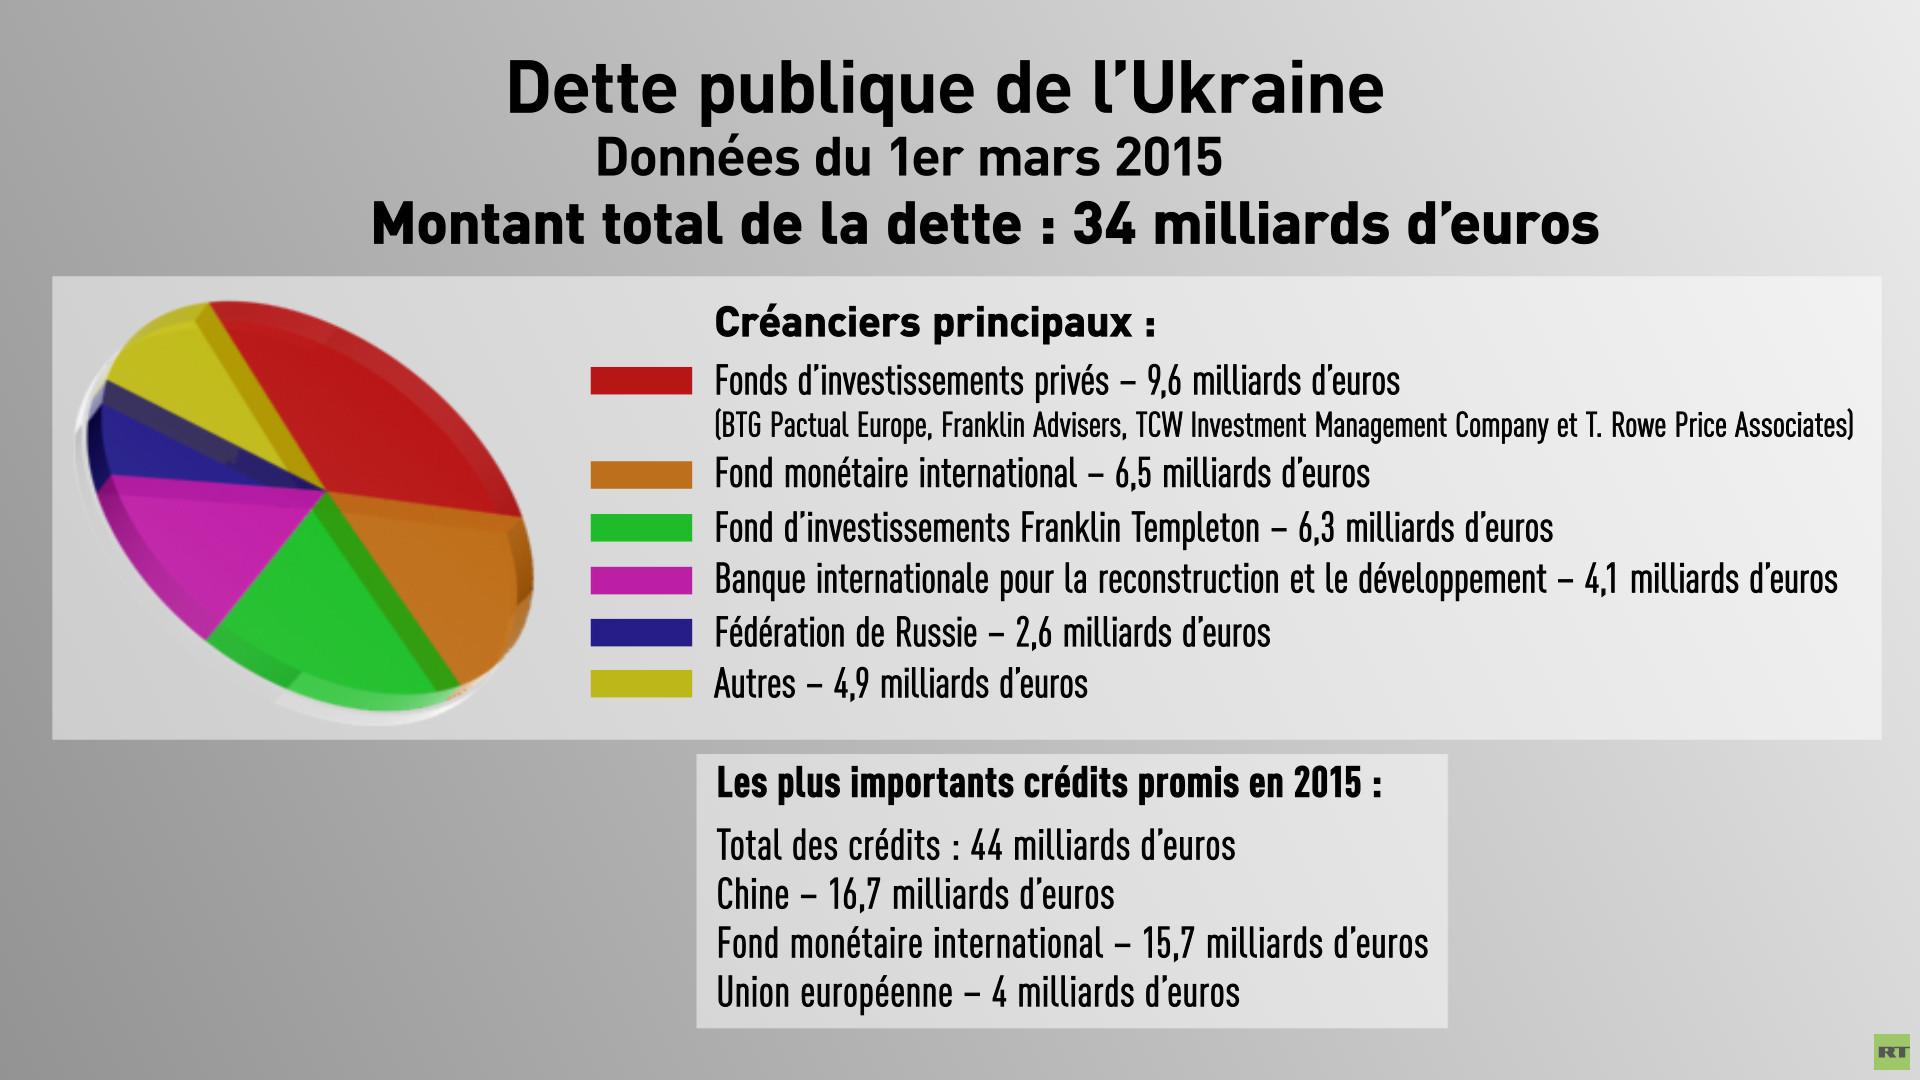 Sources: ministère des Finances de l'Ukraine, sources ouvertes au public